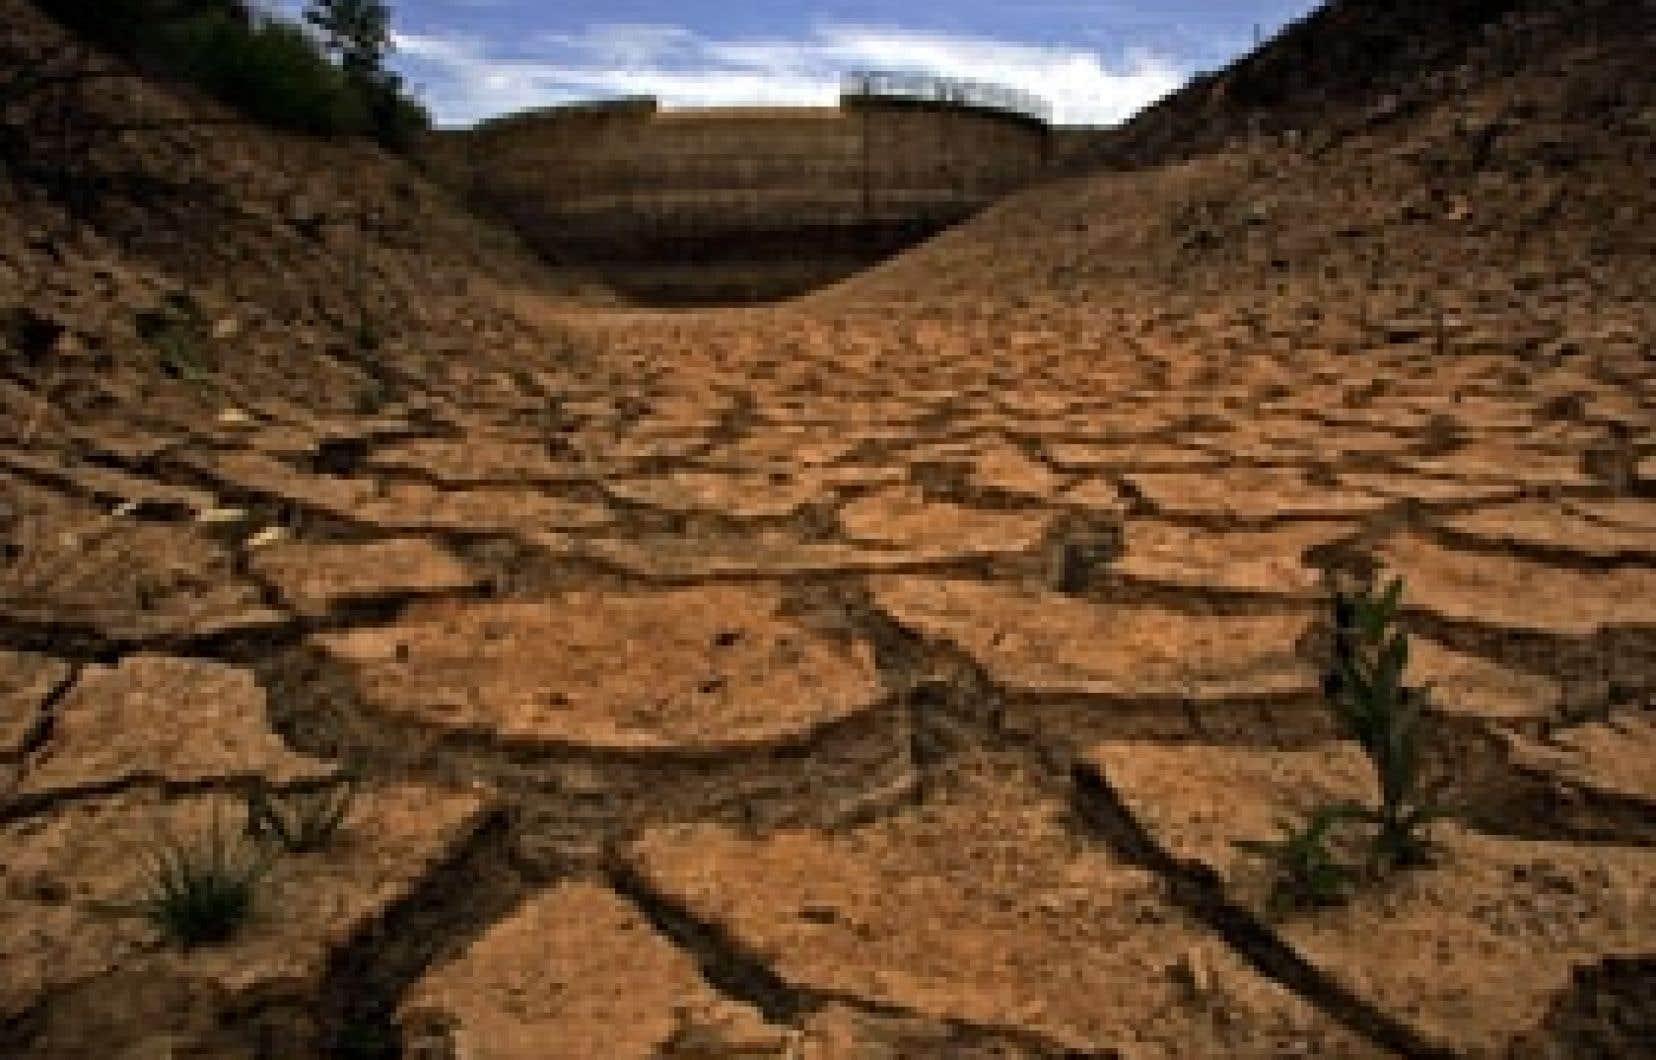 Sur la planète, deux degrés de plus, ce sont des rendements agricoles réduits de 20 % à 30 % sur le pourtour méditerranéen et en Afrique sahélienne. D'où une pression migratoire accrue, avec son cortège de conséquences économiques et politiq